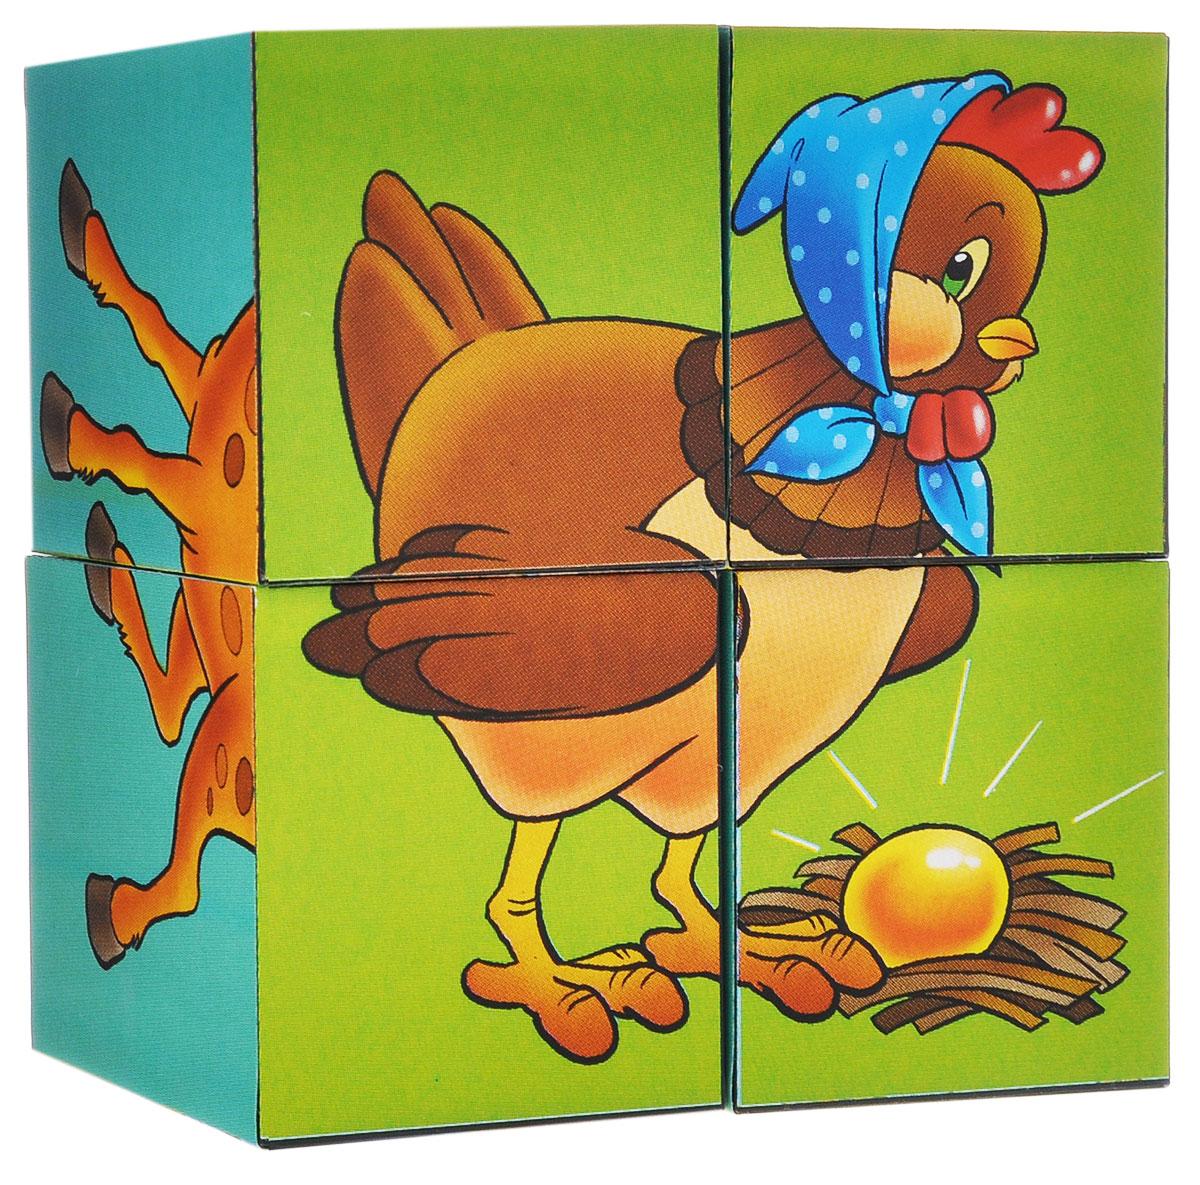 Кубики StepPuzzle Герои сказок, 4 шт. Курочка Ряба87314_герои сказокКубики StepPuzzle Герои сказок включают в себя 4 кубика, на каждой грани которых расположен элемент рисунка. Составляя кубики, малыш сможет собрать 6 красочных картинок с изображением различных героев сказок. Кубики выполнены из прочного безопасного пластика. Их грани идеально ровные, малышу непременно понравится держать их в руках, рассматривать и строить из них различные конструкции. А собирание ярких картинок малышу развить навыки логического мышления и поможет ему познакомиться с разными цветами и их названиями. Игры с кубиками развивают мелкую моторику рук, цветовое восприятие и пространственное мышление. Ребенку непременно понравится учиться и играть с кубиками, такие игры не только надолго займут внимание малыша, но и помогут ему развить мелкую моторику, пространственное мышление, зрительное и тактильное восприятие, а также воображение и координацию движений.